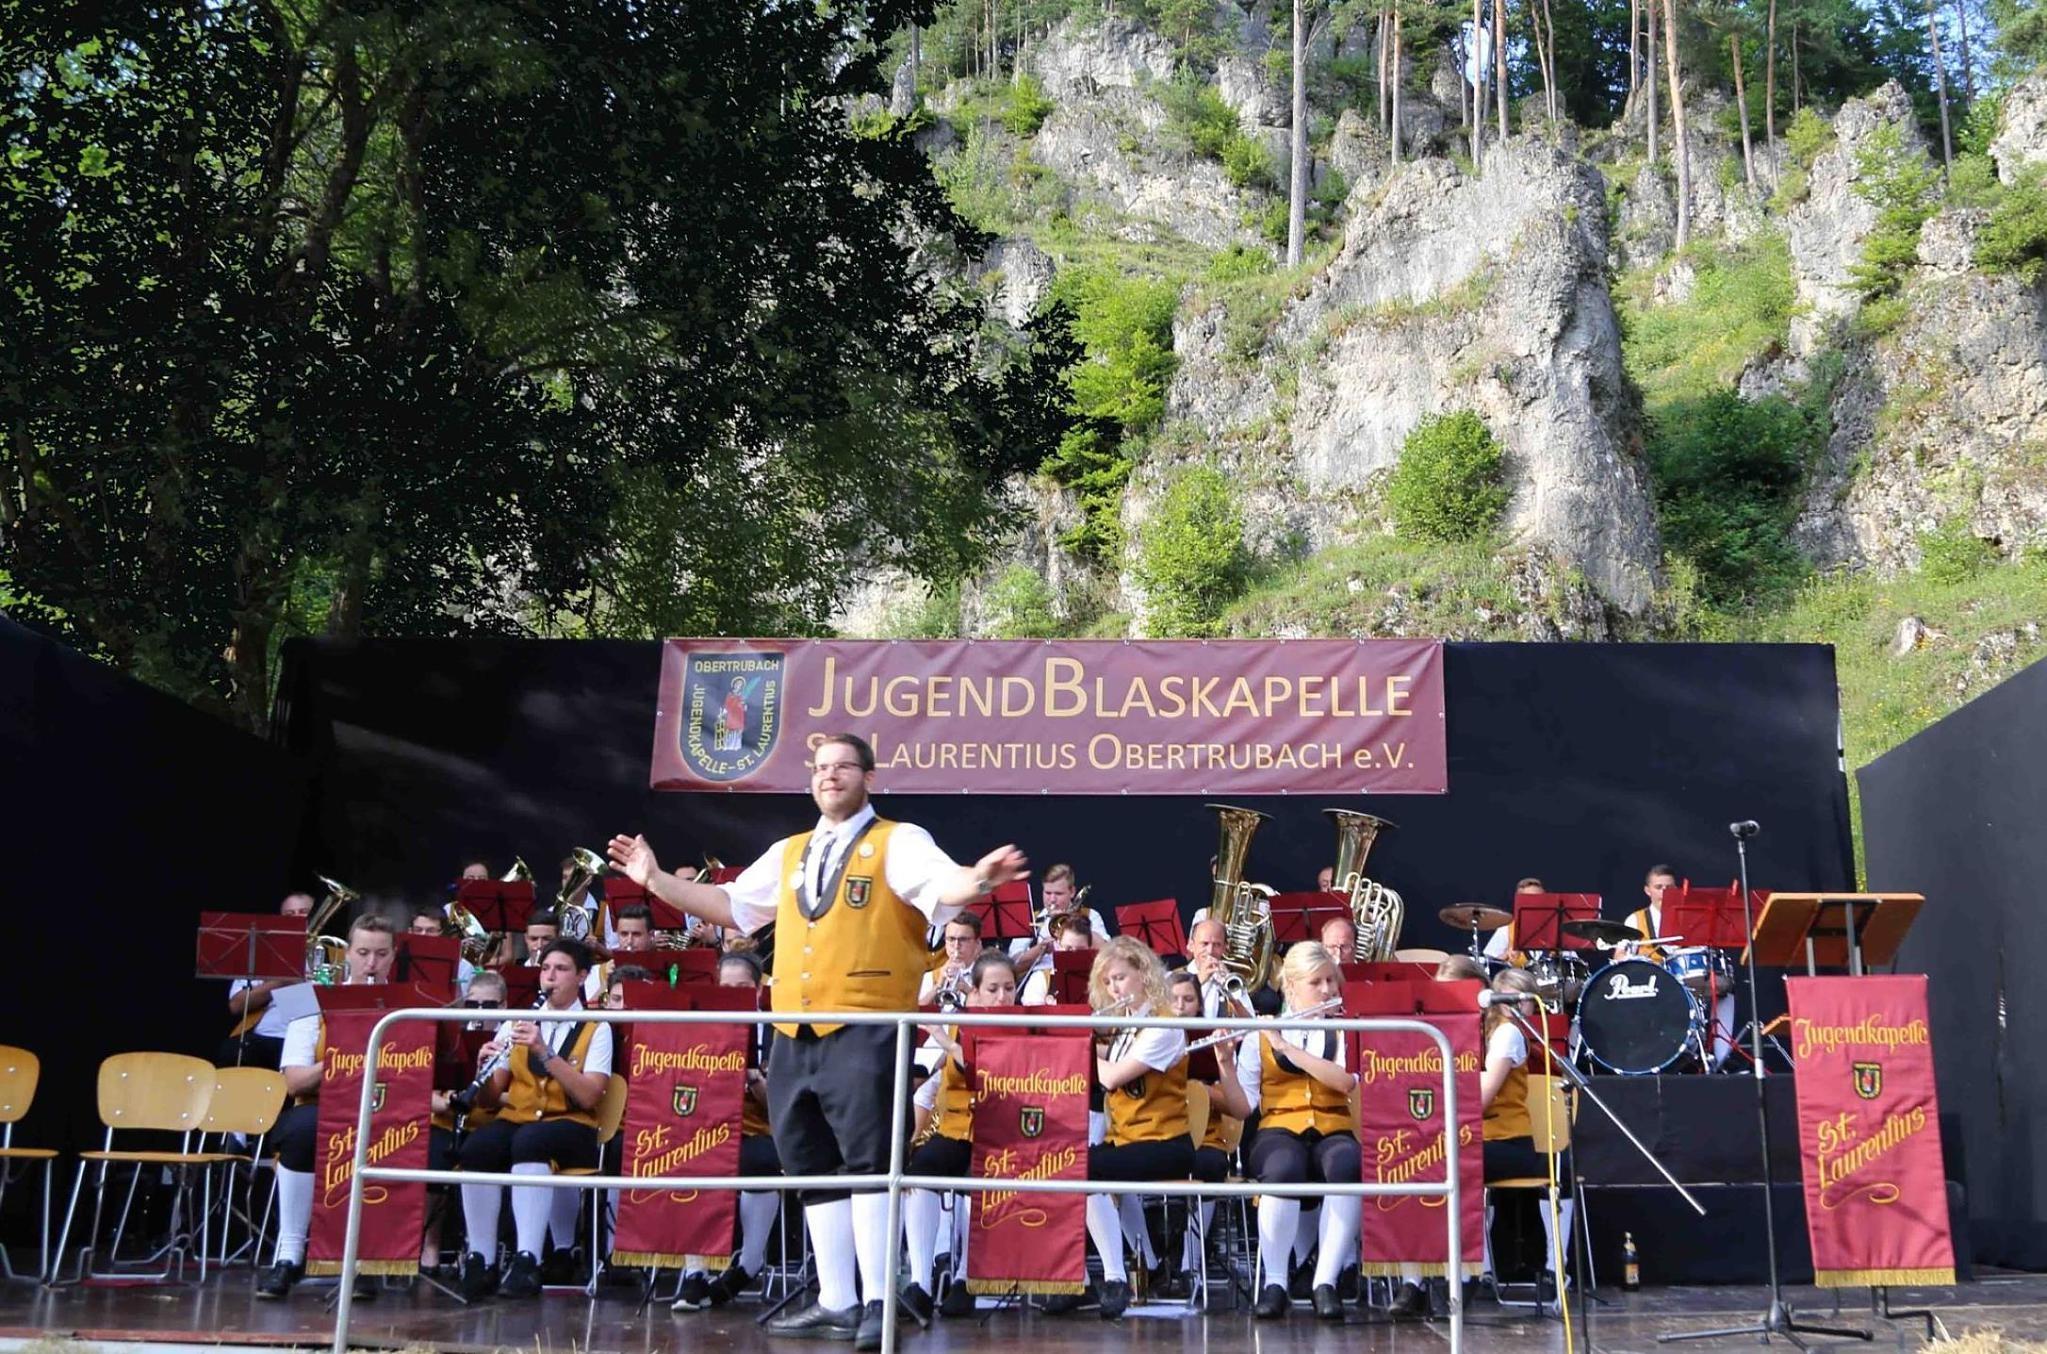 Dirigent Johannes Raum und seine Musiker von der Jugendblaskapelle Obertrubach feierten das 30-jährige Bestehen.